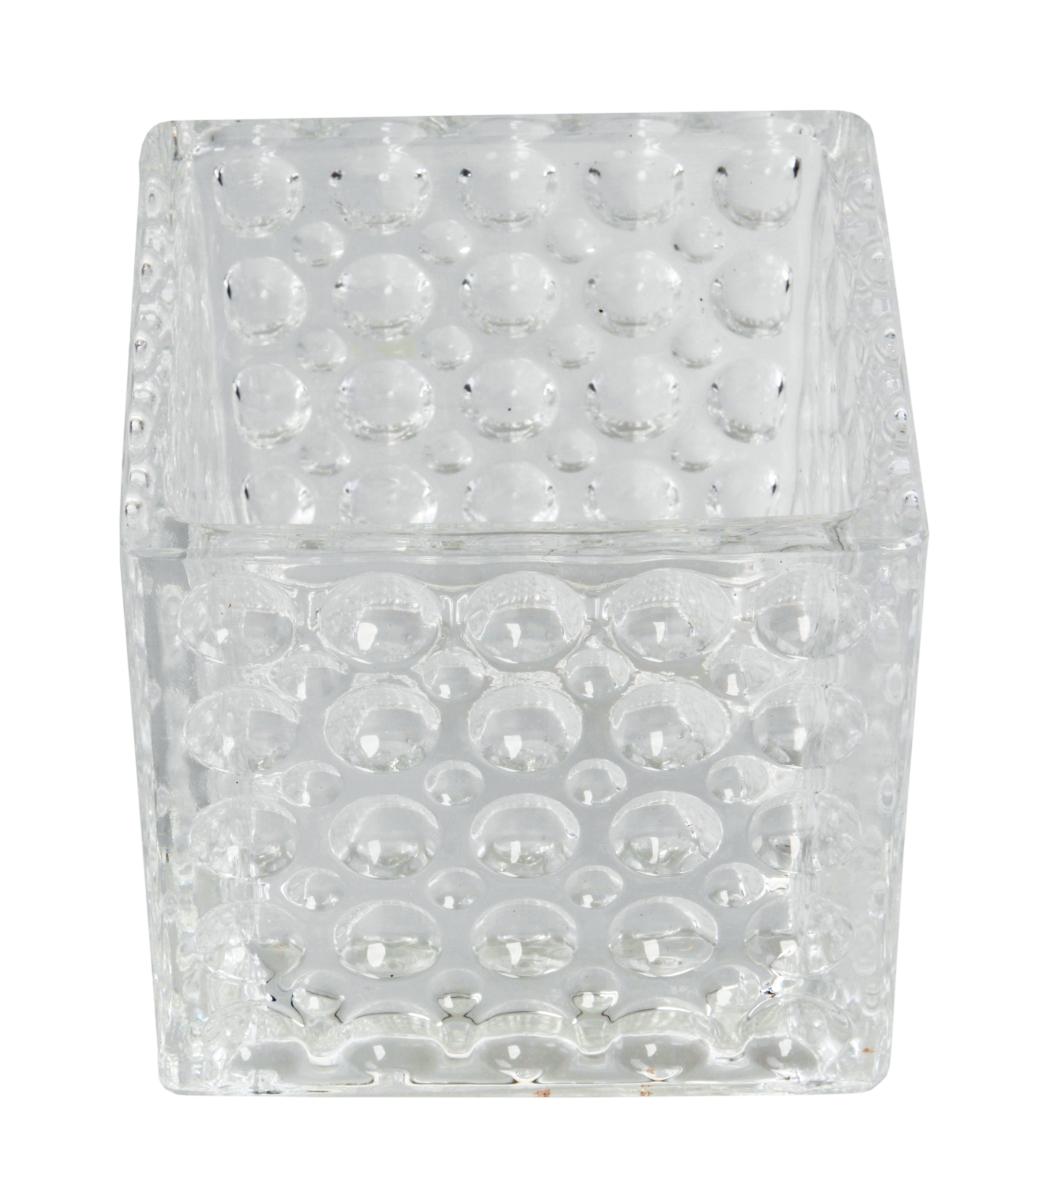 Skleněný svícen s reliéfním povrchem š 10,5 x h 10,5 x v 10 cm